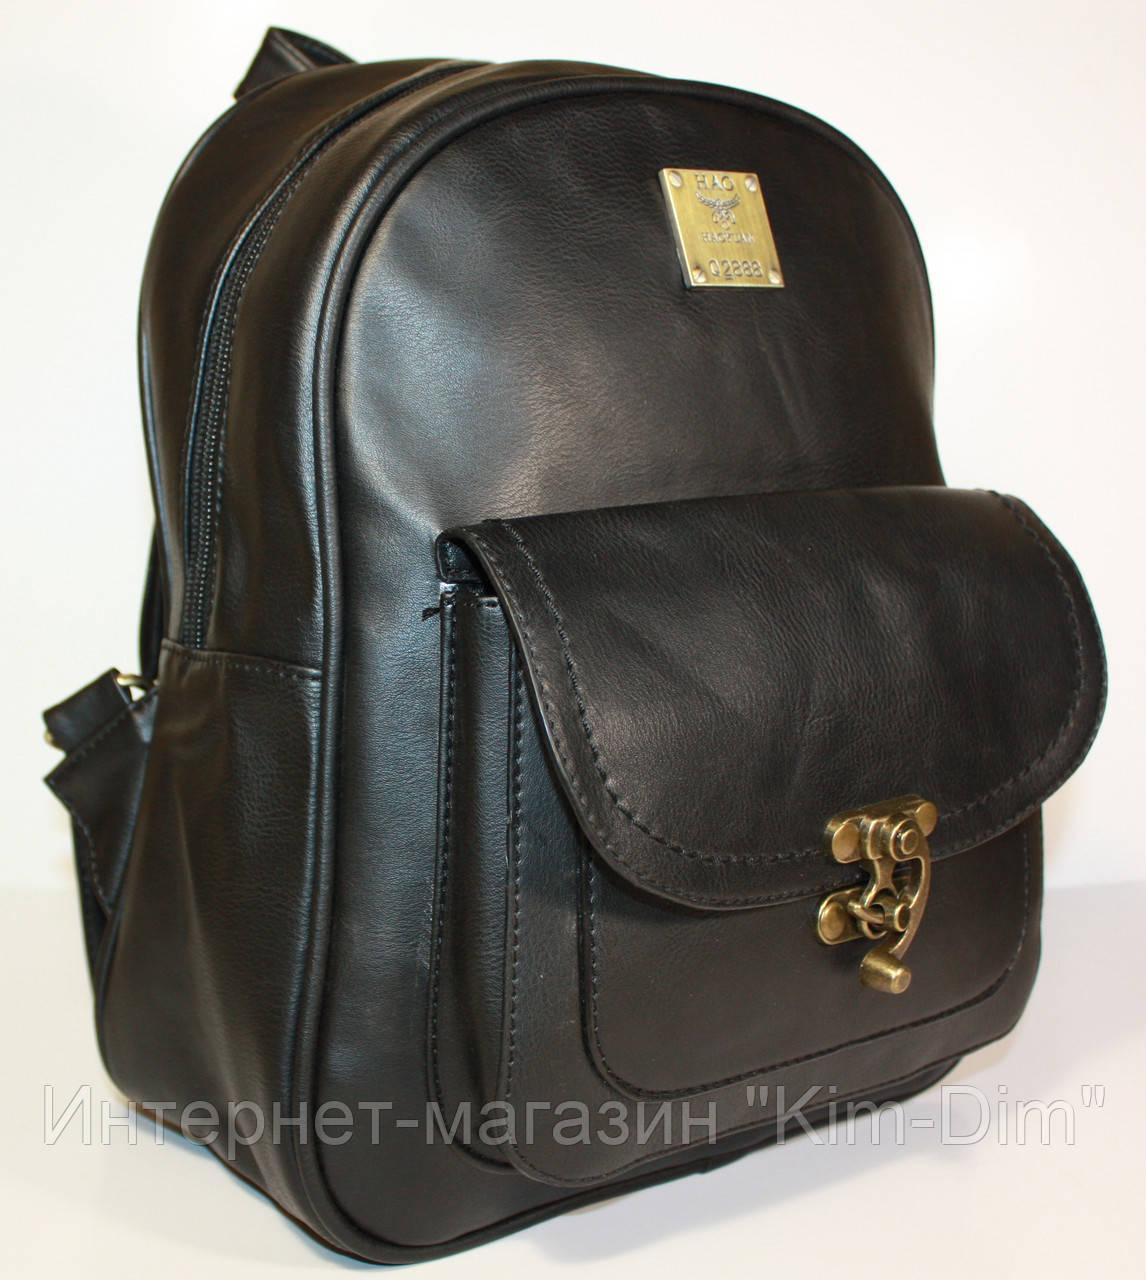 79a6787f3771 Женский кожаный рюкзак экокожа черный - Интернет-магазин